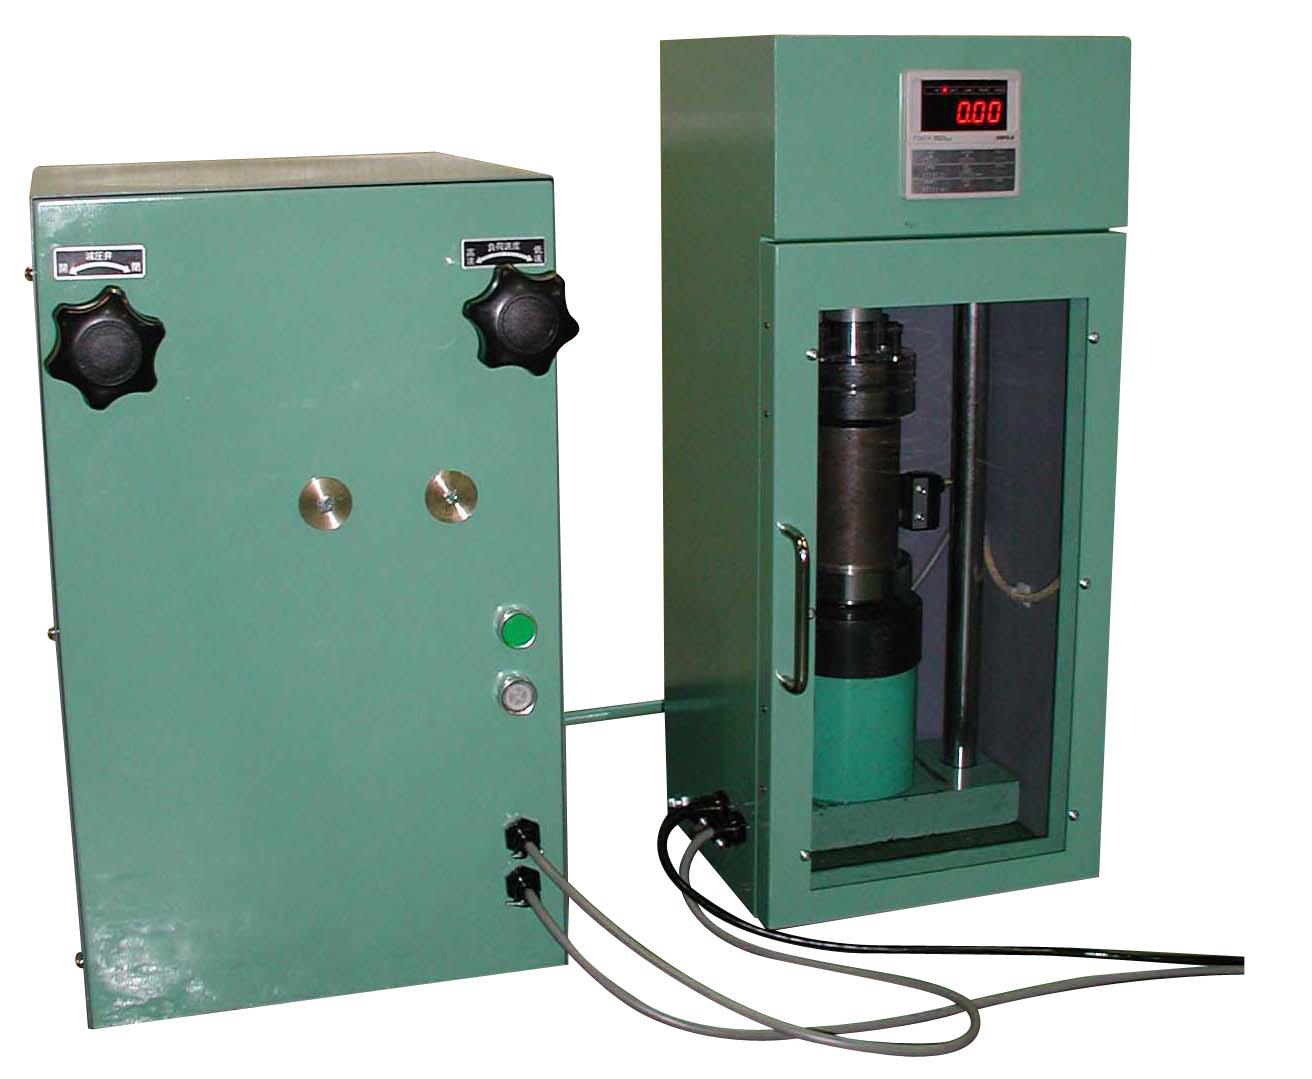 能力100kN電動油圧式圧縮試験機